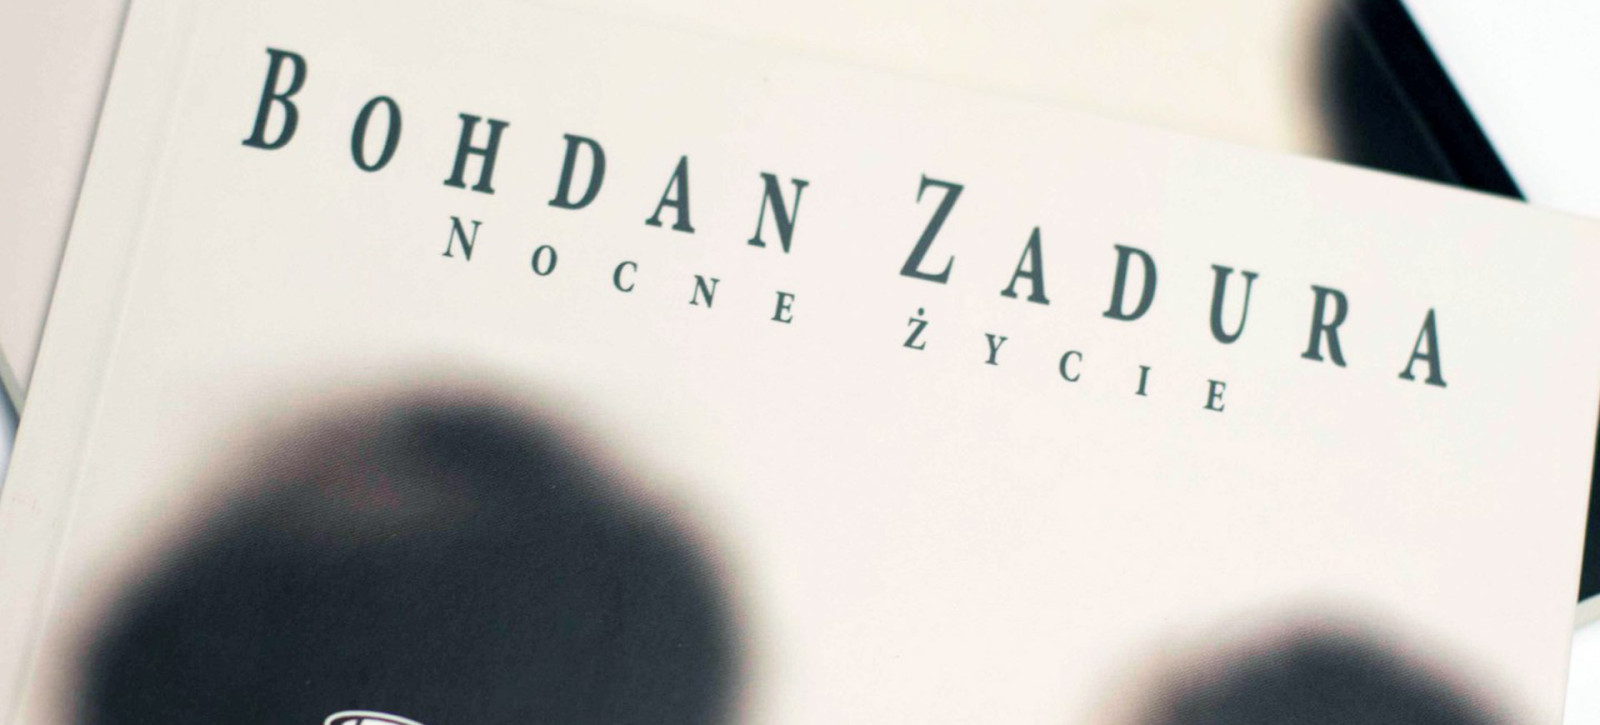 WYWIADY_Bohdan_Zadura_Nocne-zycie